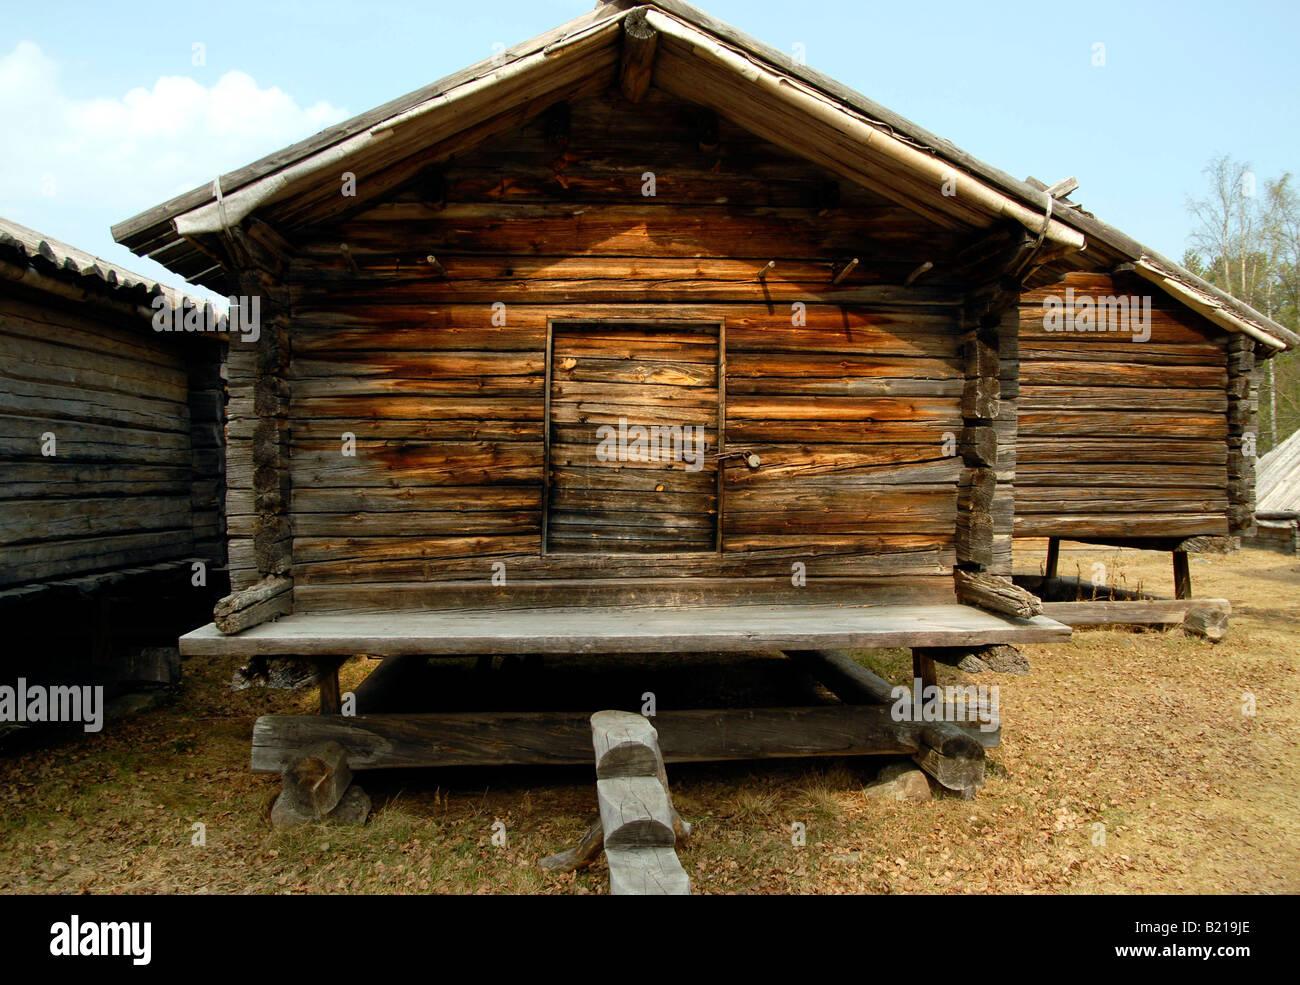 Sami storage in legno capannoni parte del tradizionale sito Sami a Lappstaden, Svezia settentrionale. Immagini Stock